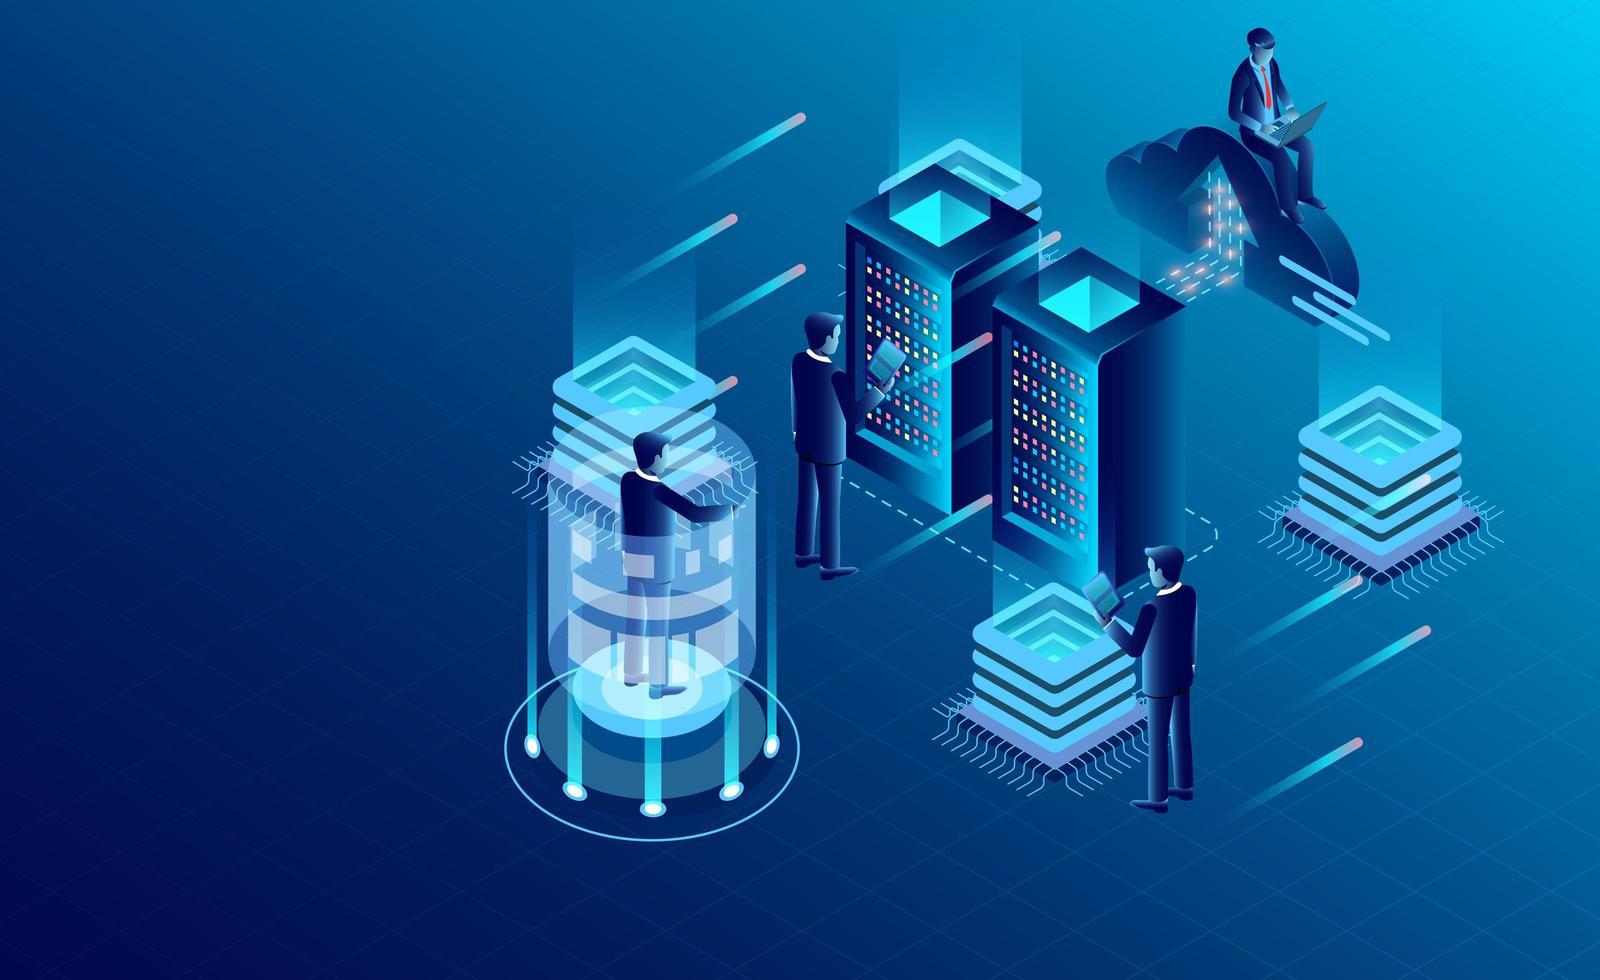 Datacenter-serverrums molnlagringsteknologikoncept vektor